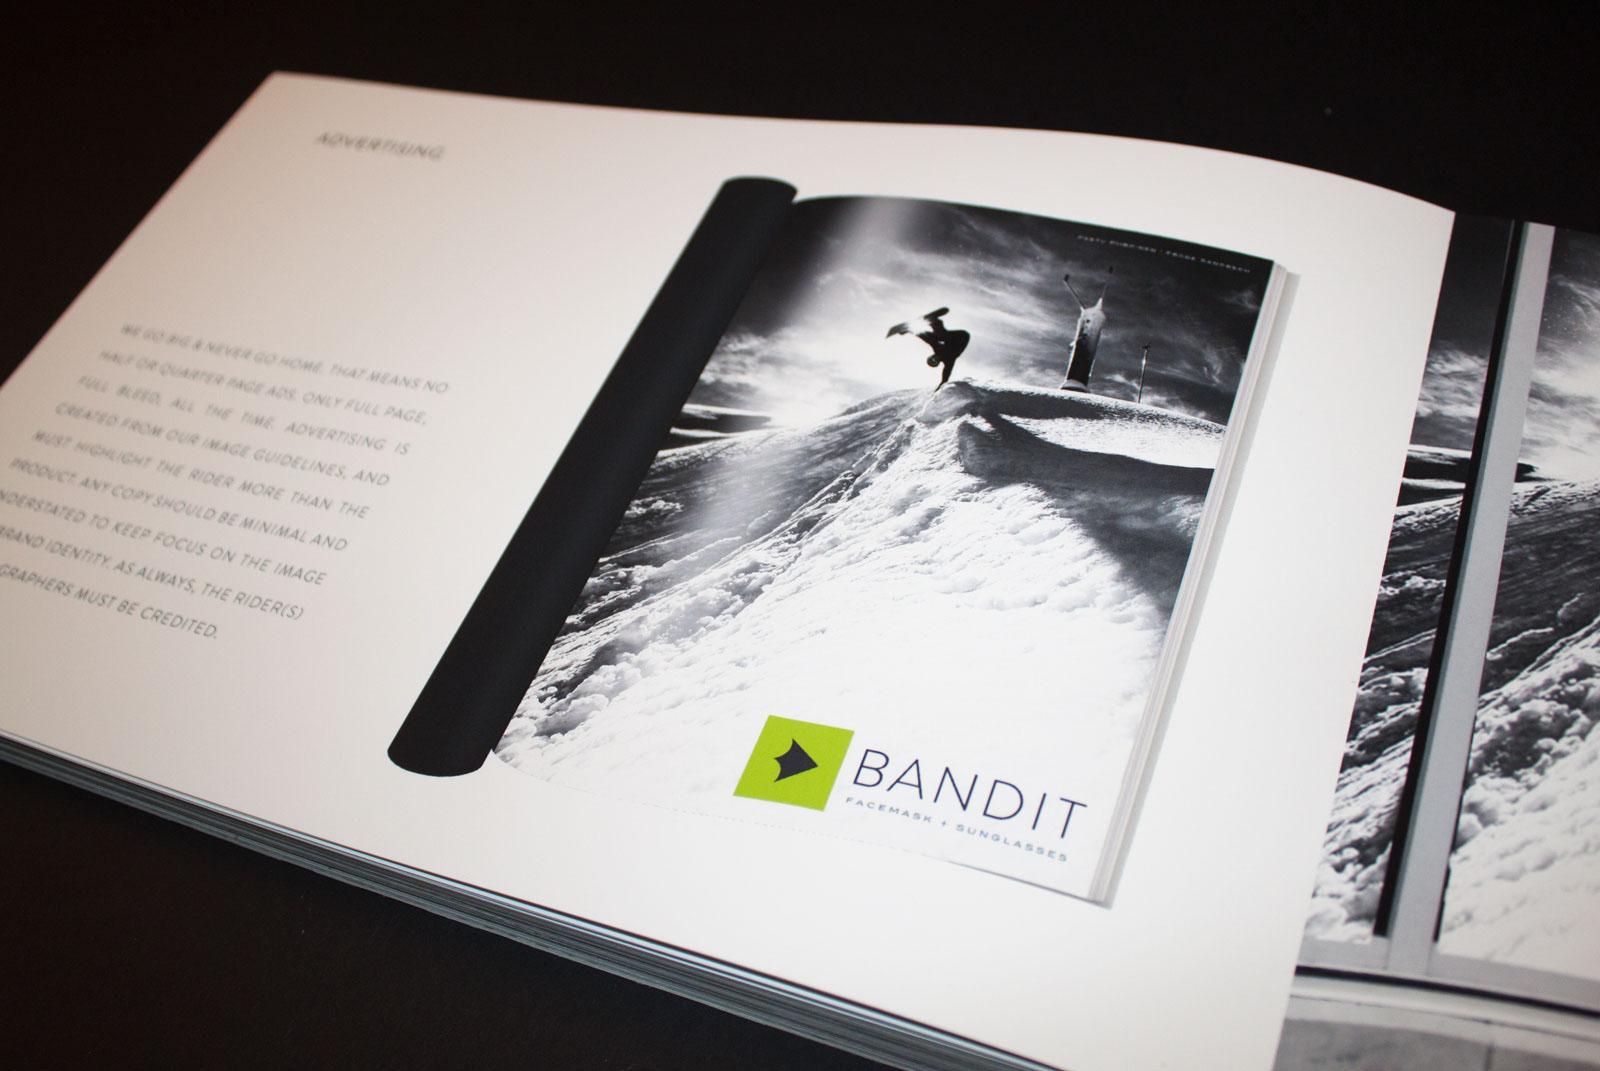 ZanBarnett-Brand-Bandit12.jpg